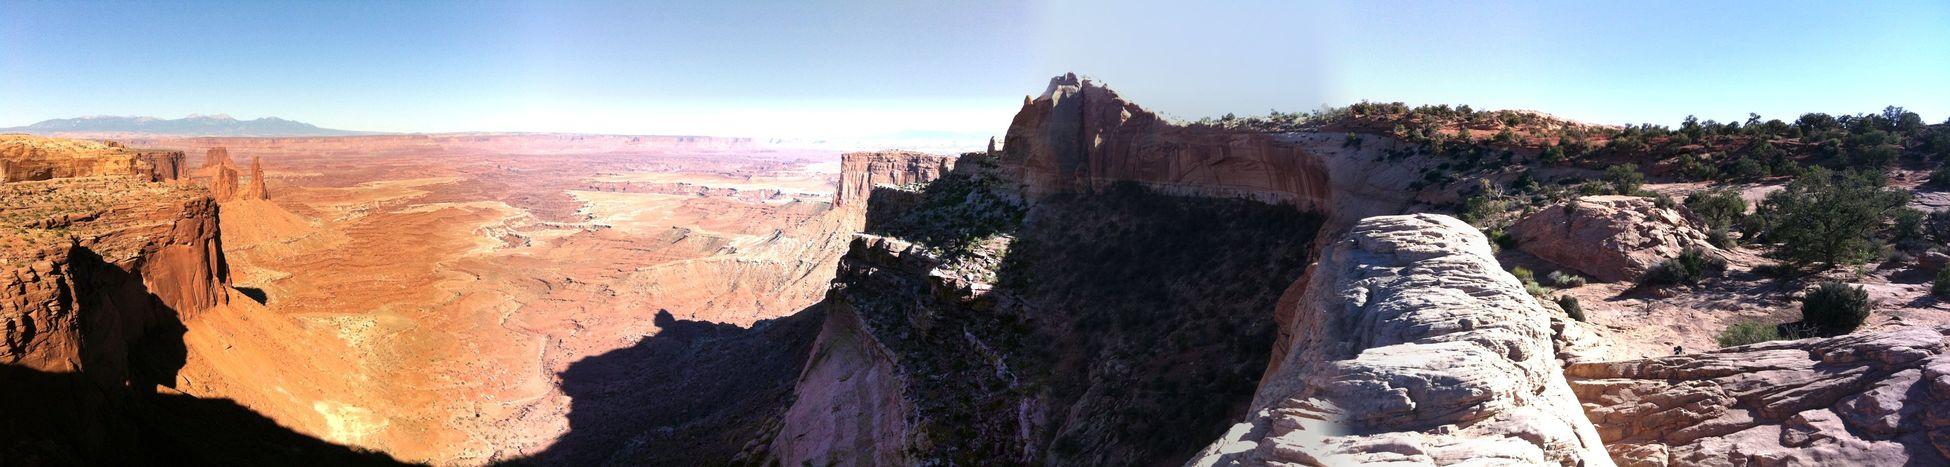 Canyonlands, USA IPhone4 Pano